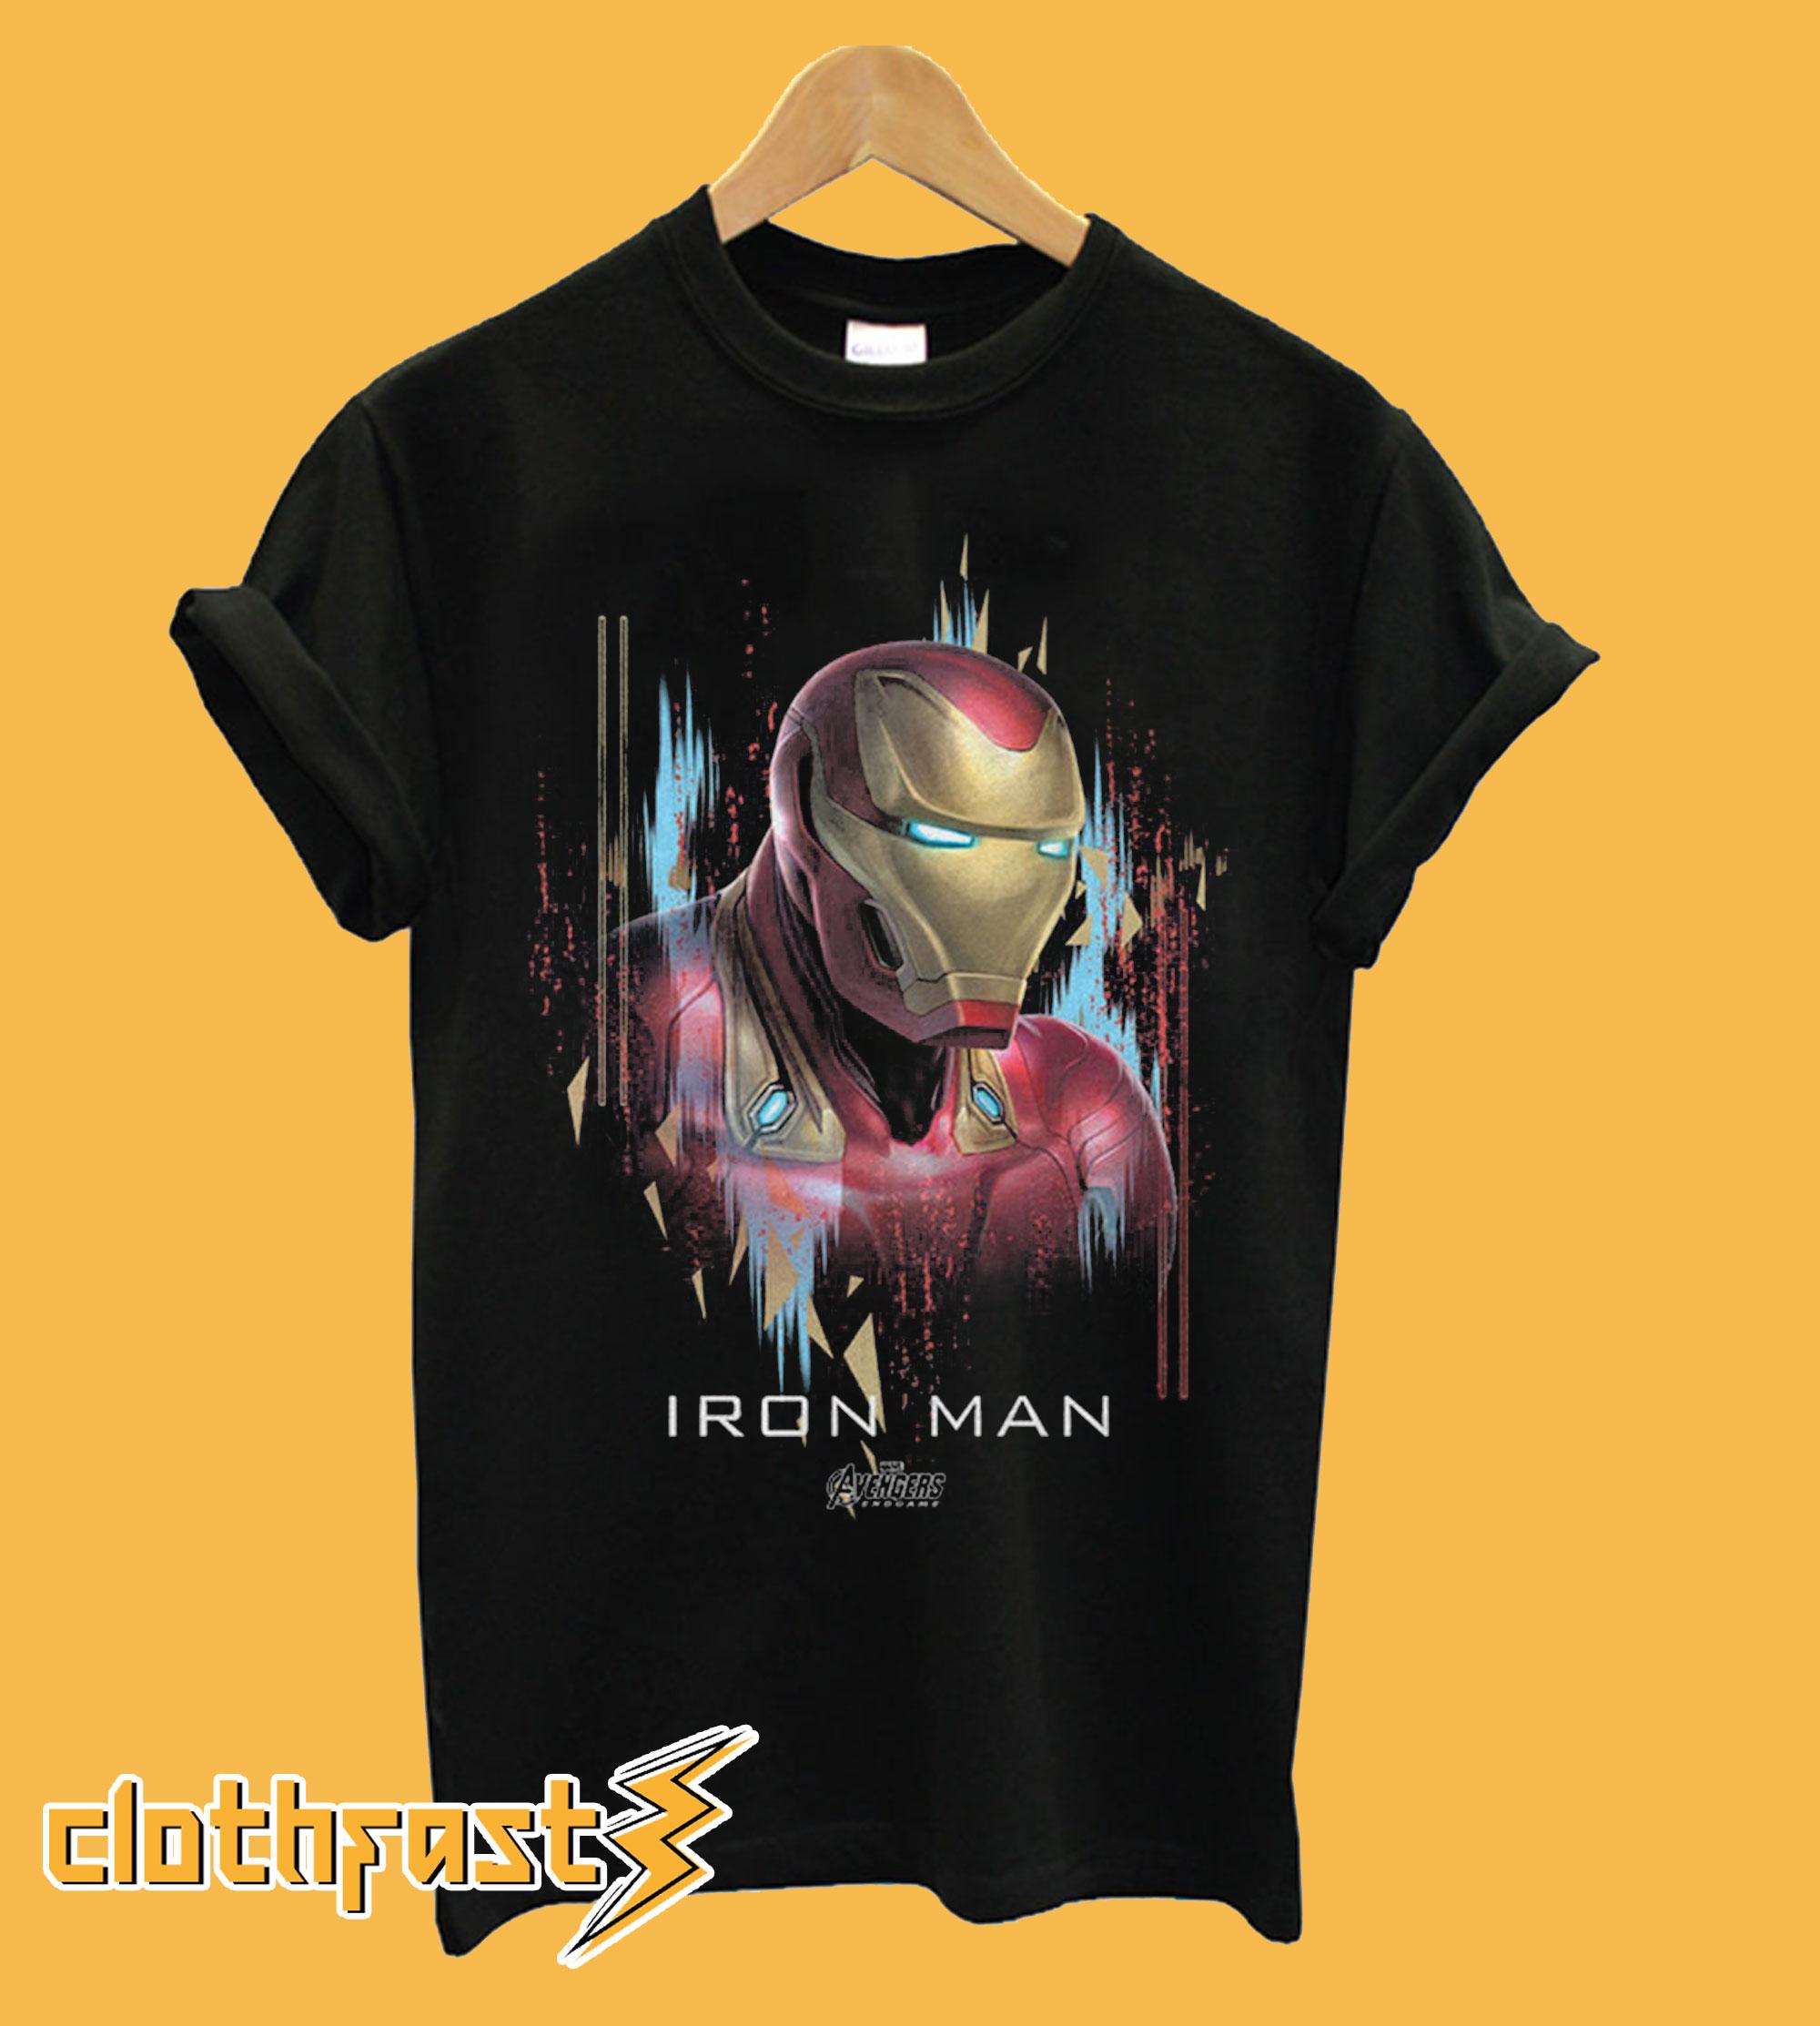 Marvel's Avengers Endgame Iron Man T-shirt